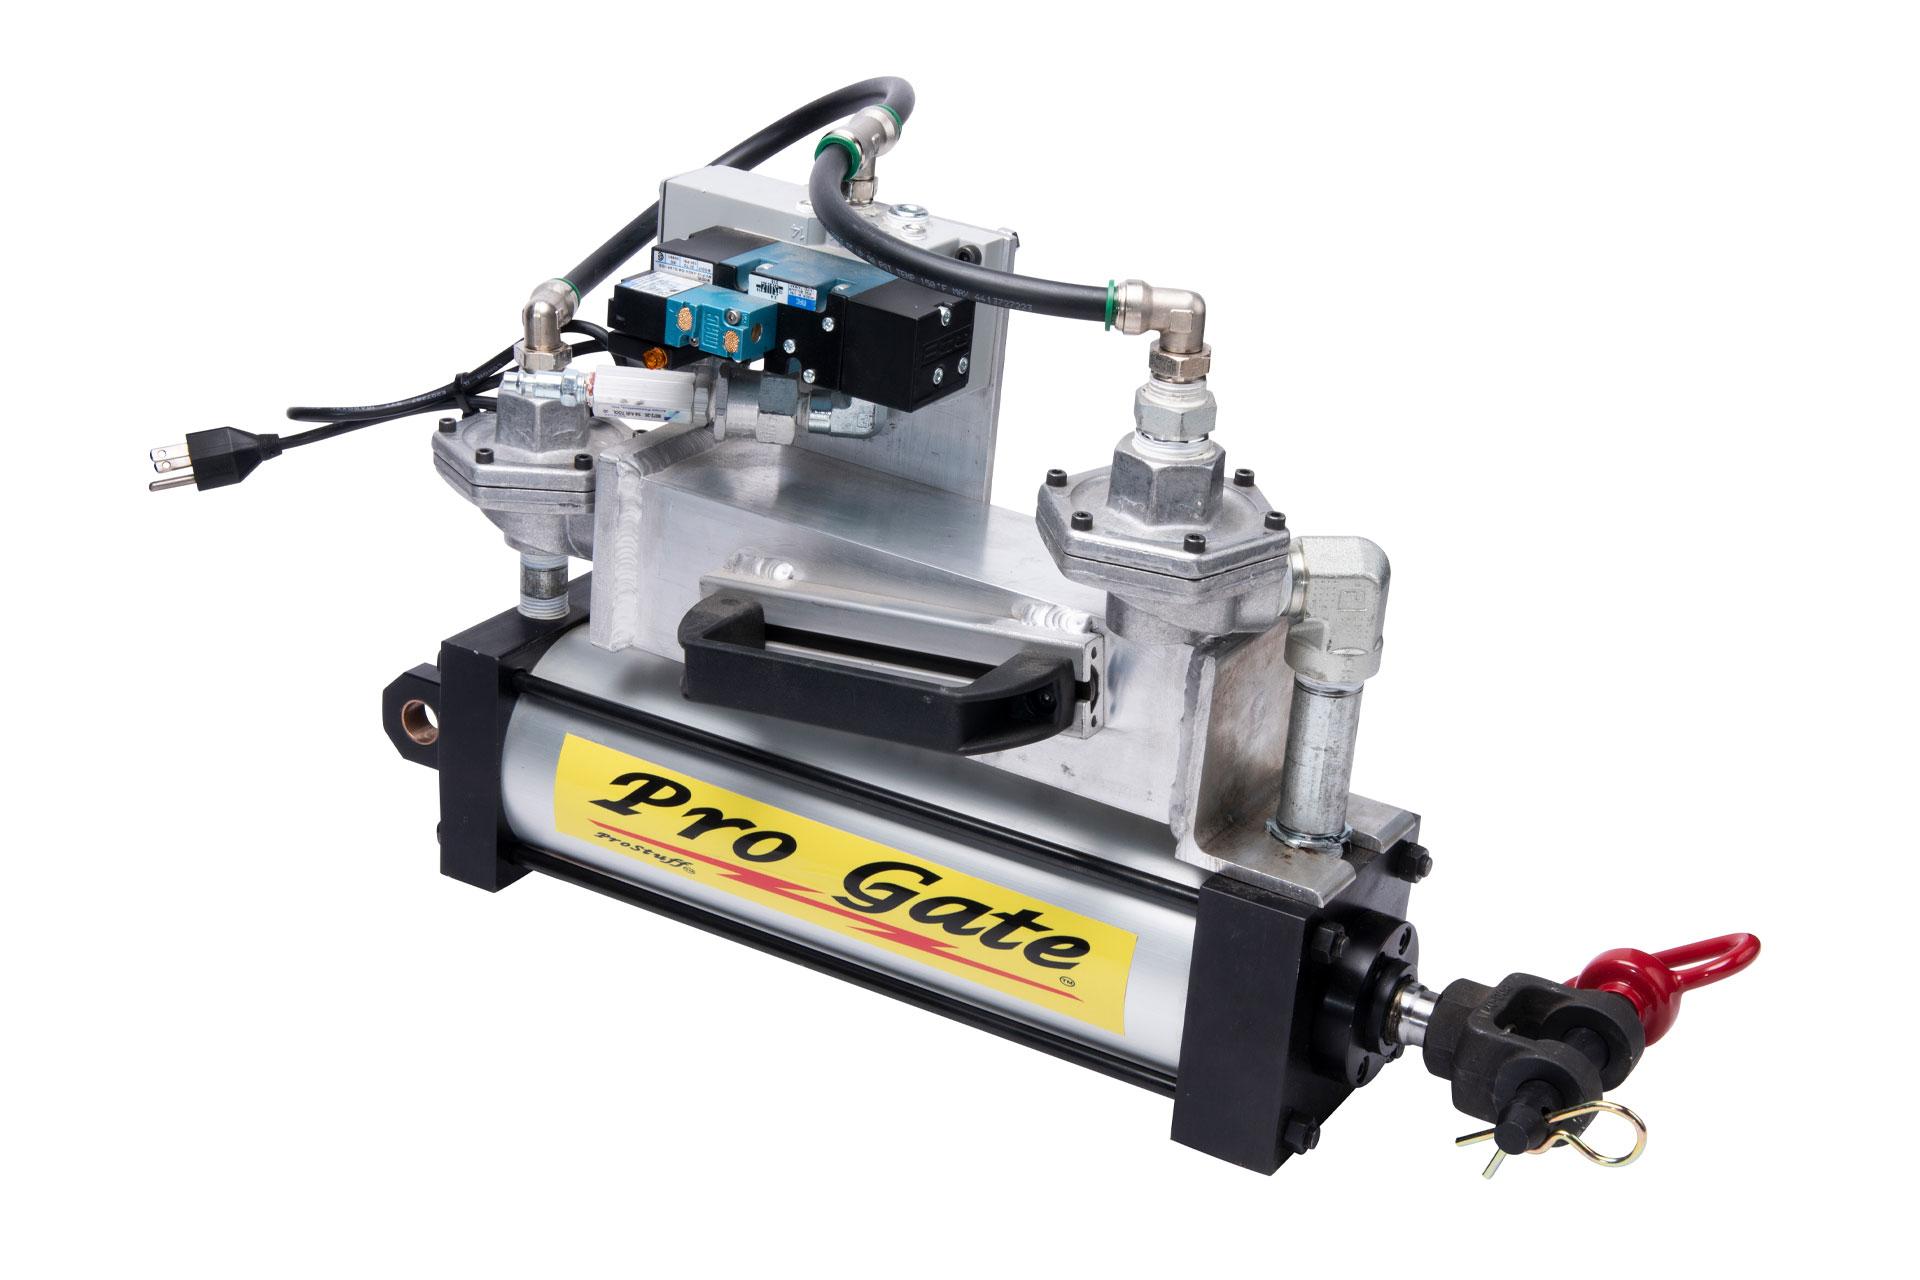 Pro Gate 110-Volt Air Ram